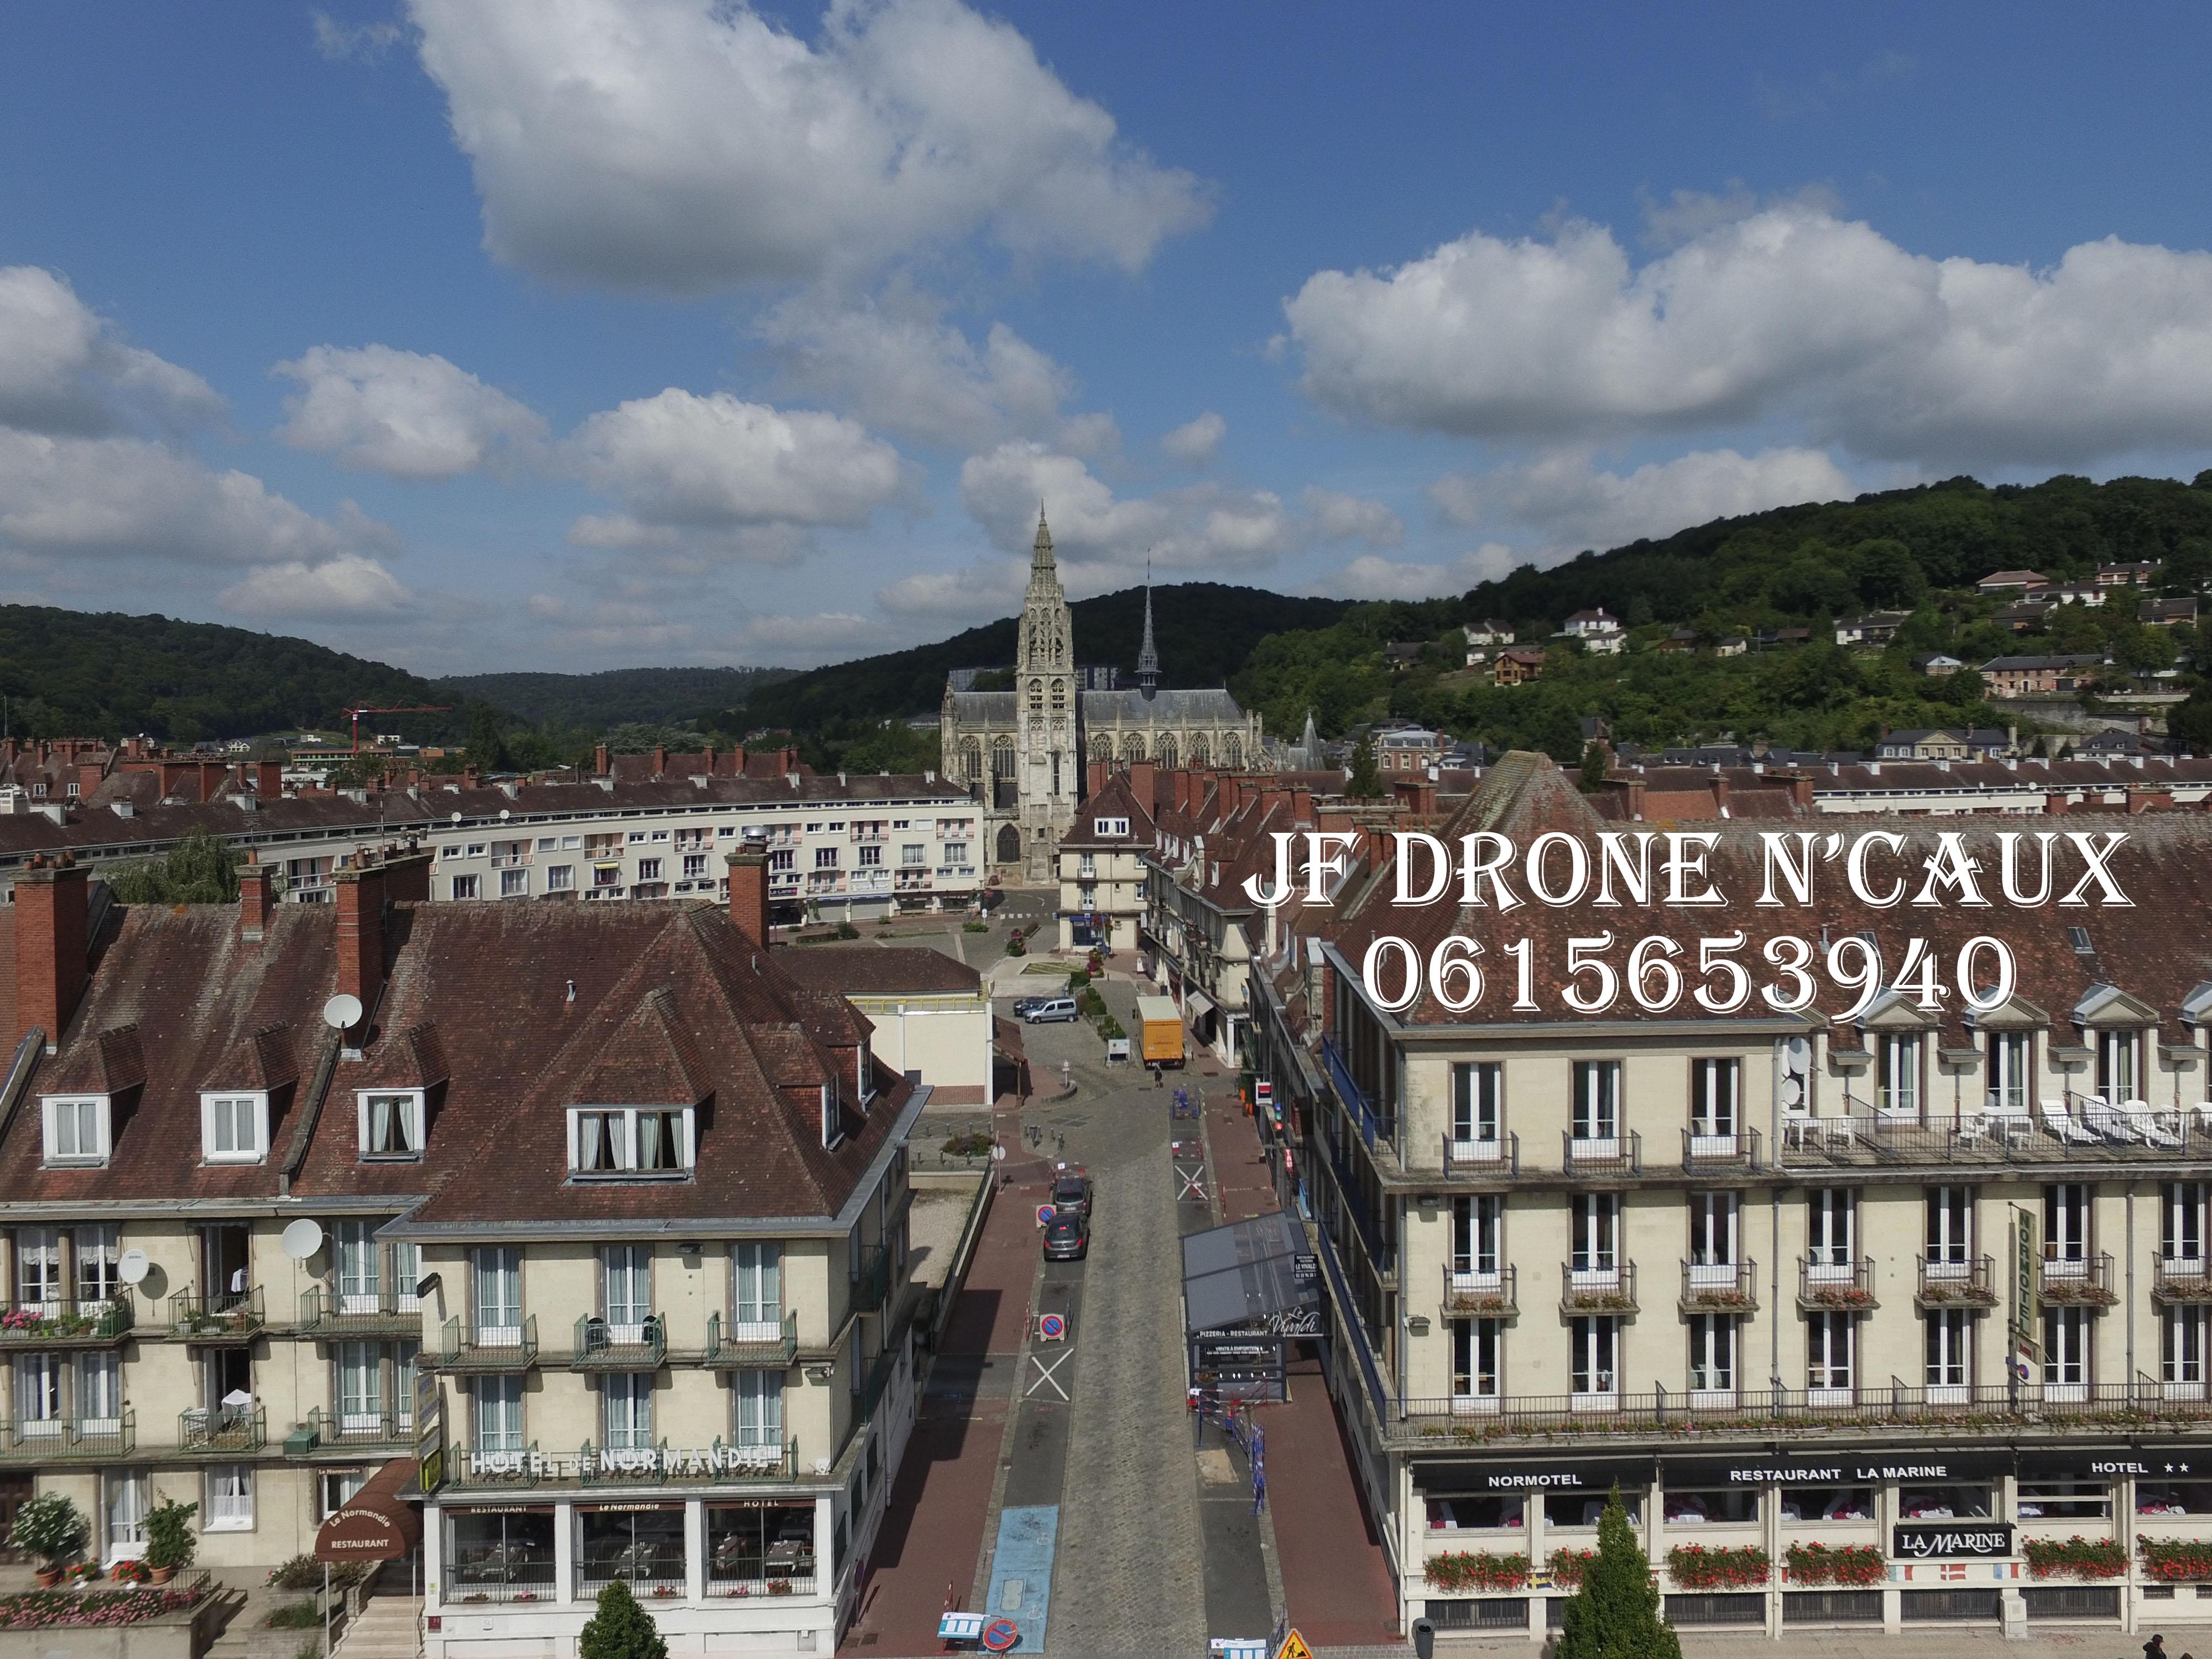 Caudebec en Caux JF DRONE N'CAUX